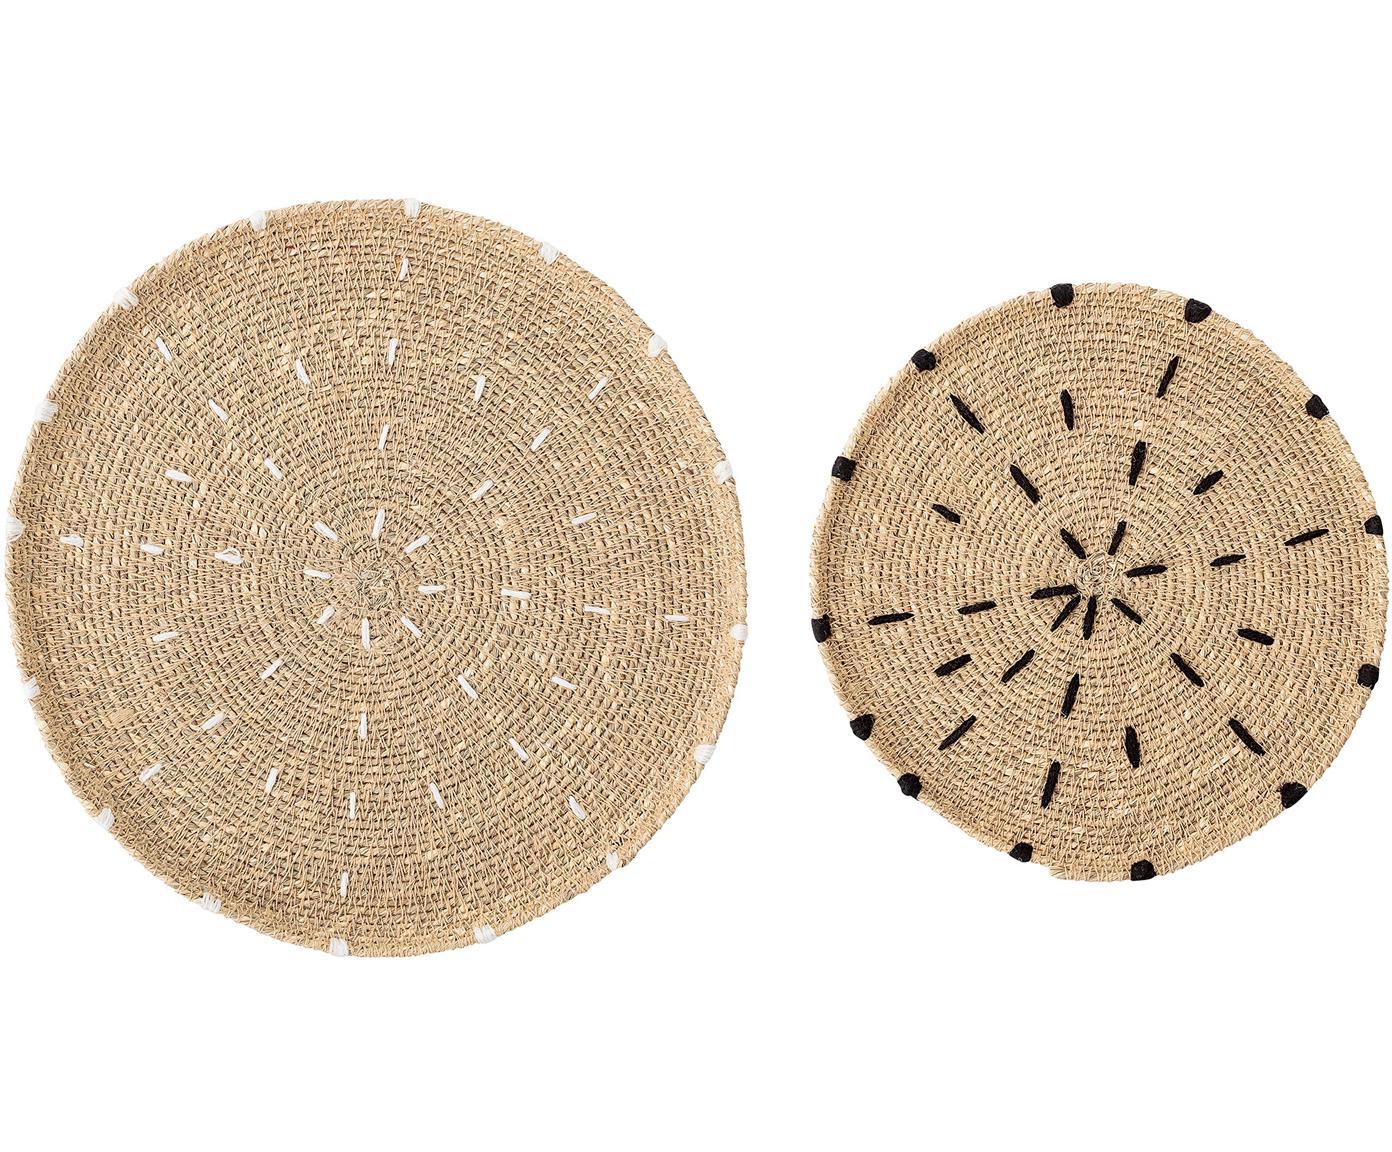 Set van 2 ronde placemats van zeegras Deco, Zeegras, Beige, wit, zwart, Verschillende formaten